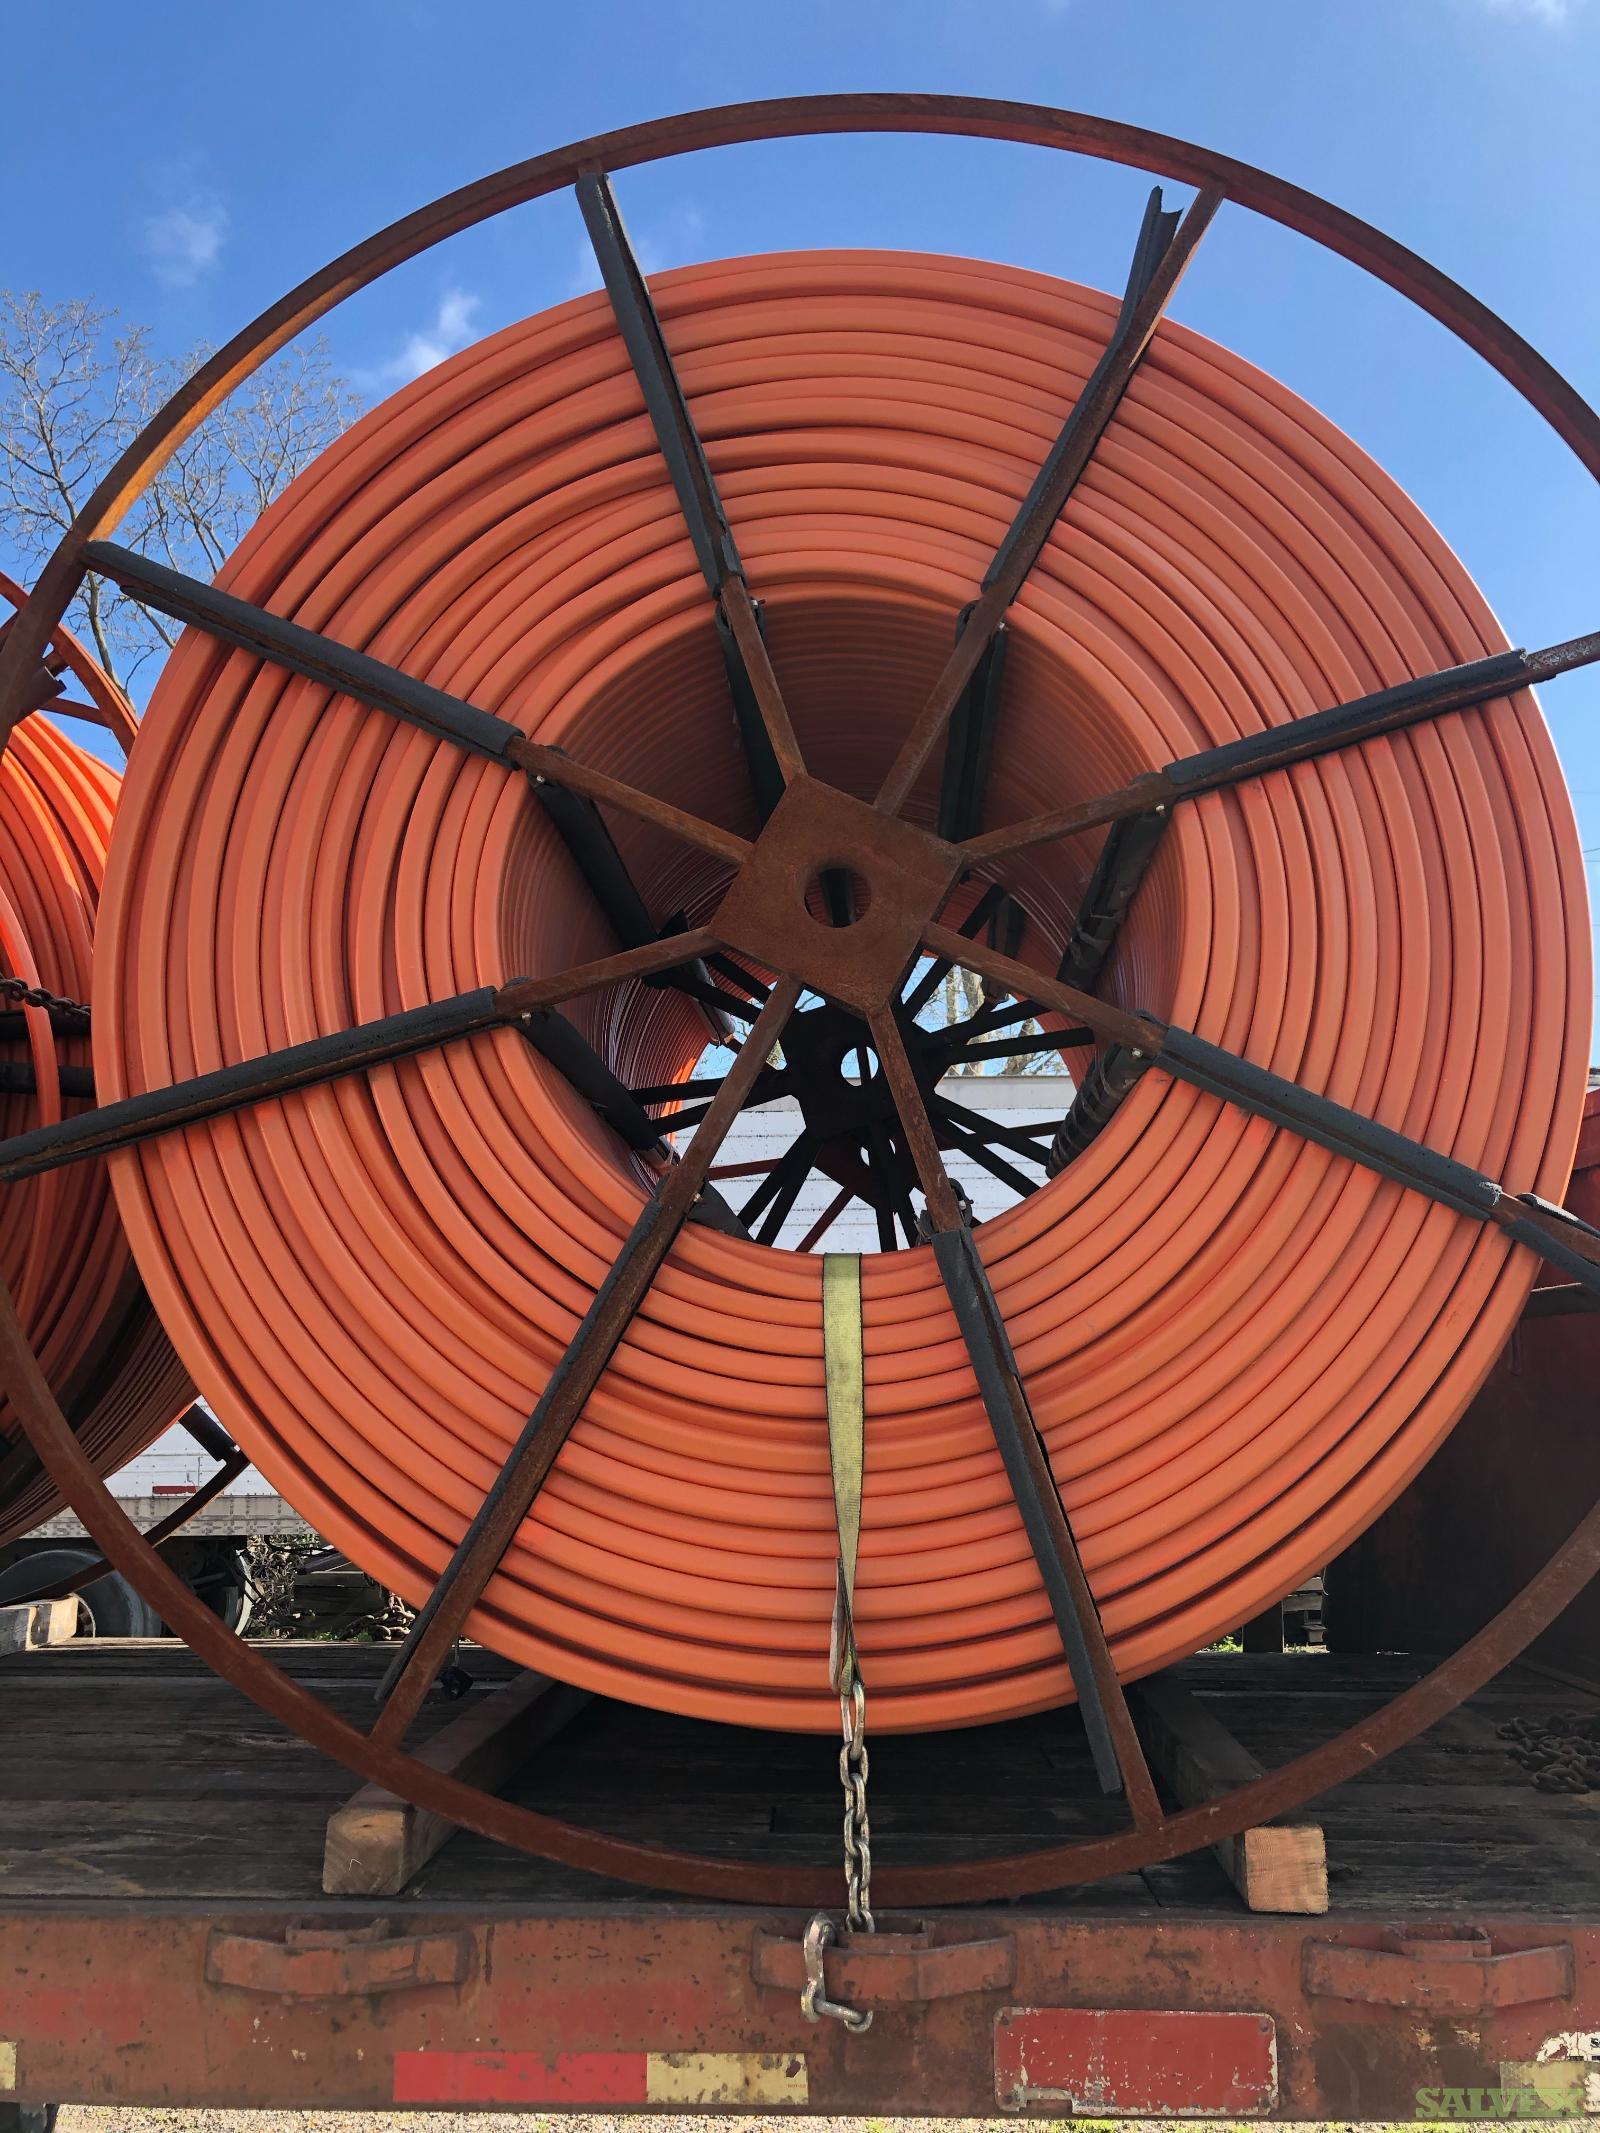 HDPE Duraline 4-Way Conduit Pipe (6,500 Feet / 10 Reels)